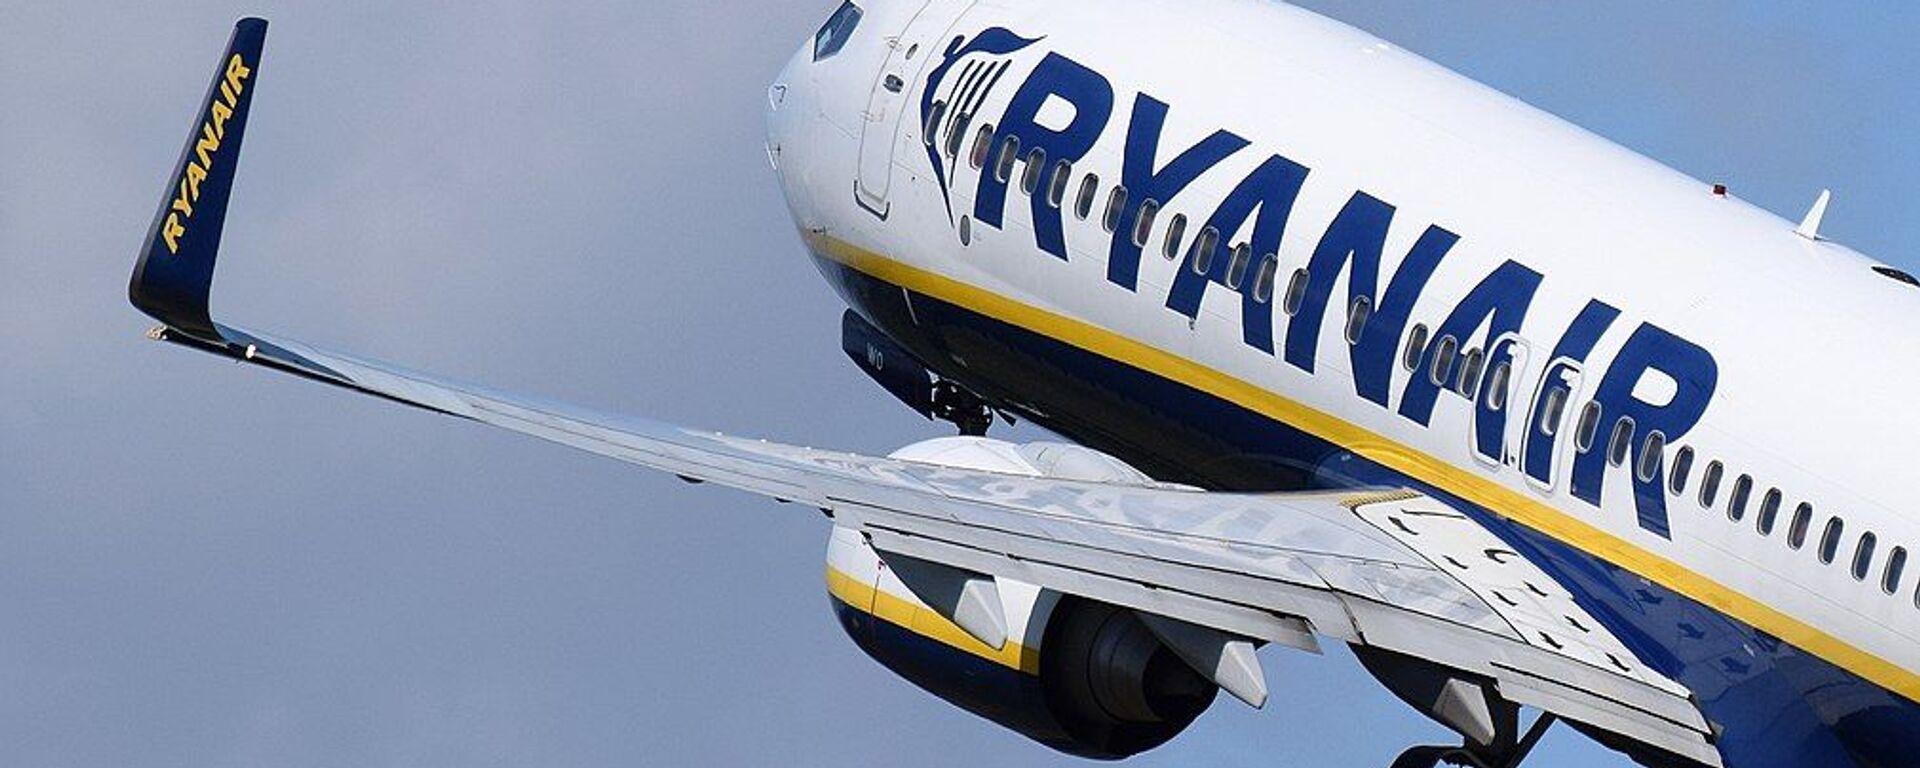 Un aereo di Ryanair - Sputnik Italia, 1920, 23.05.2021